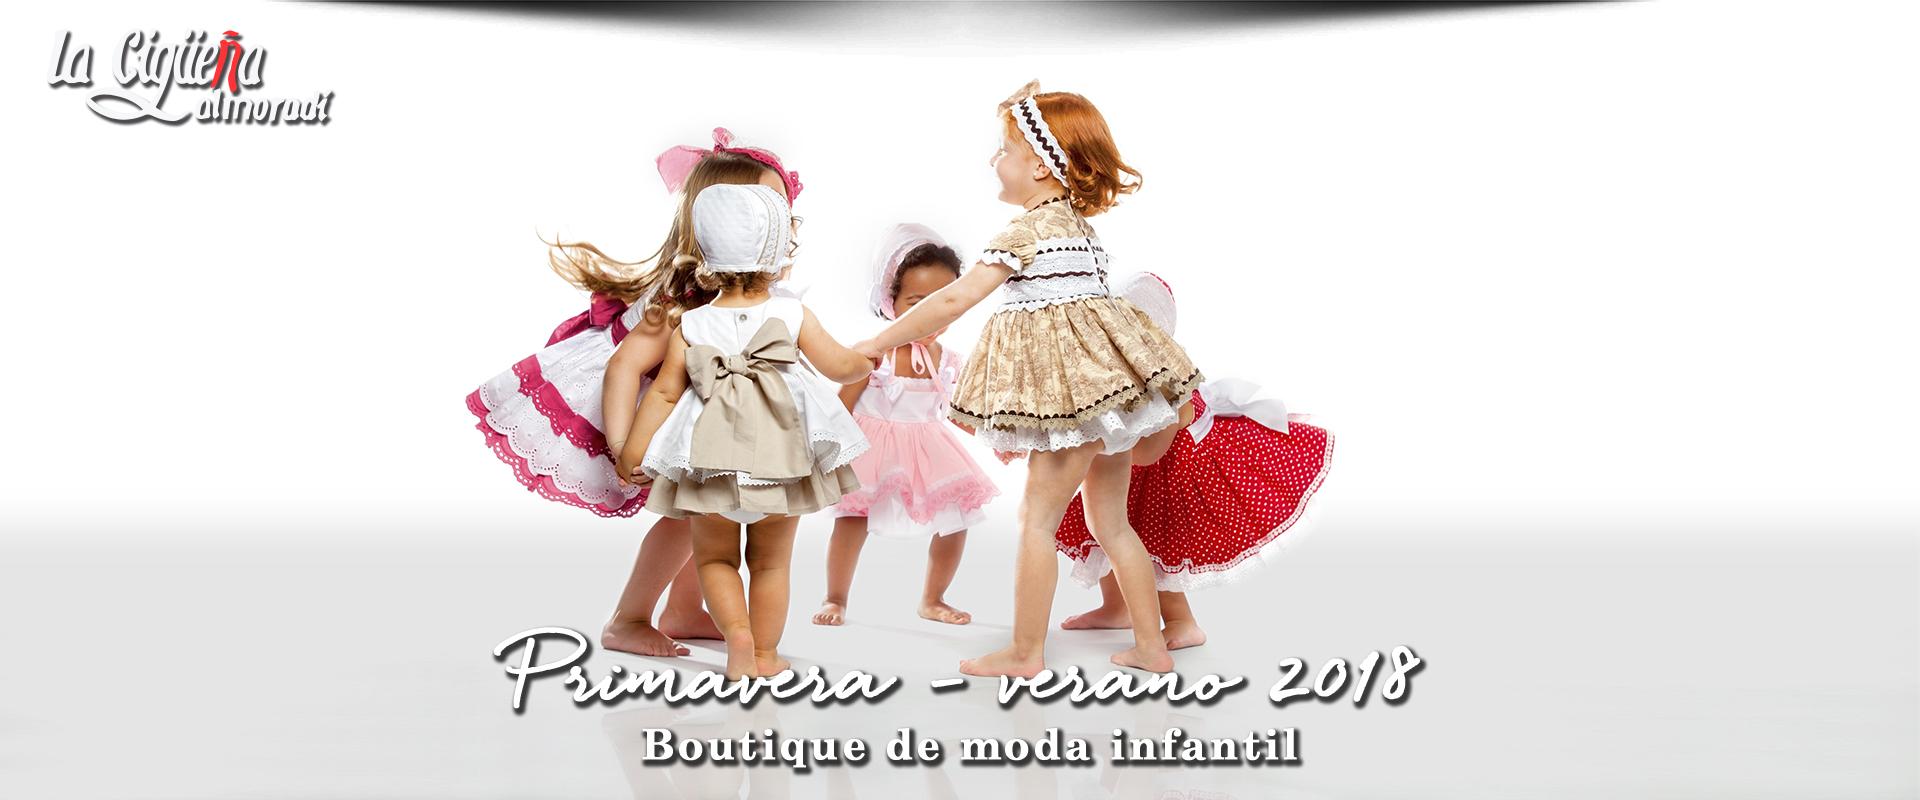 BOUTIQUE INFANTIL EN ALMORADÍ, Ropa infantil en almoradí, tiendas de ropa infantil en almoradí